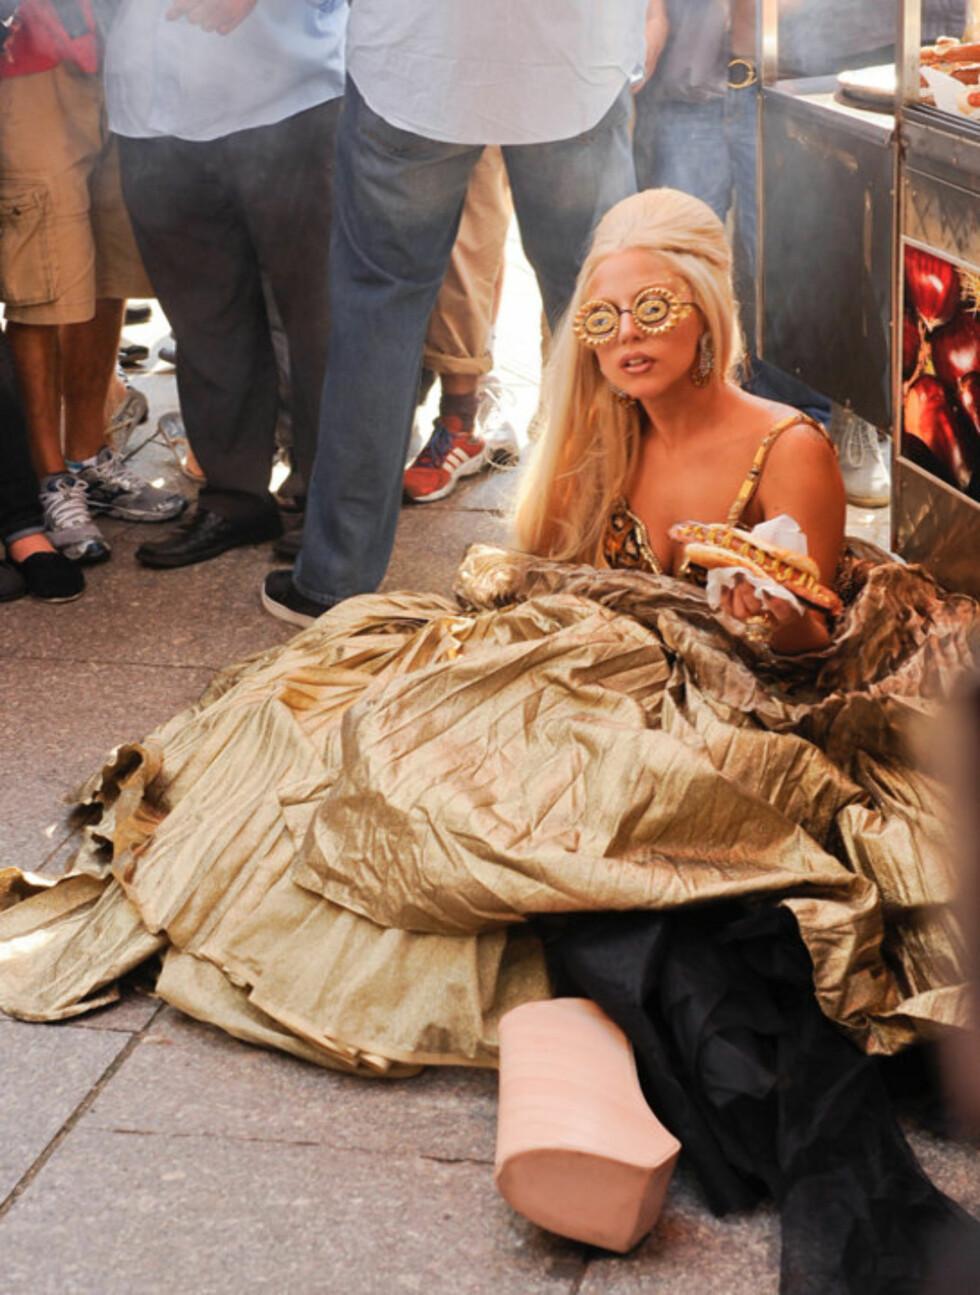 PØLSEPAUSE: Heldigvis for Lady Gaga fikk hun også sitte litt på rumpa under Annie Leibovitz-fotograferingen.   Foto: All Over Press